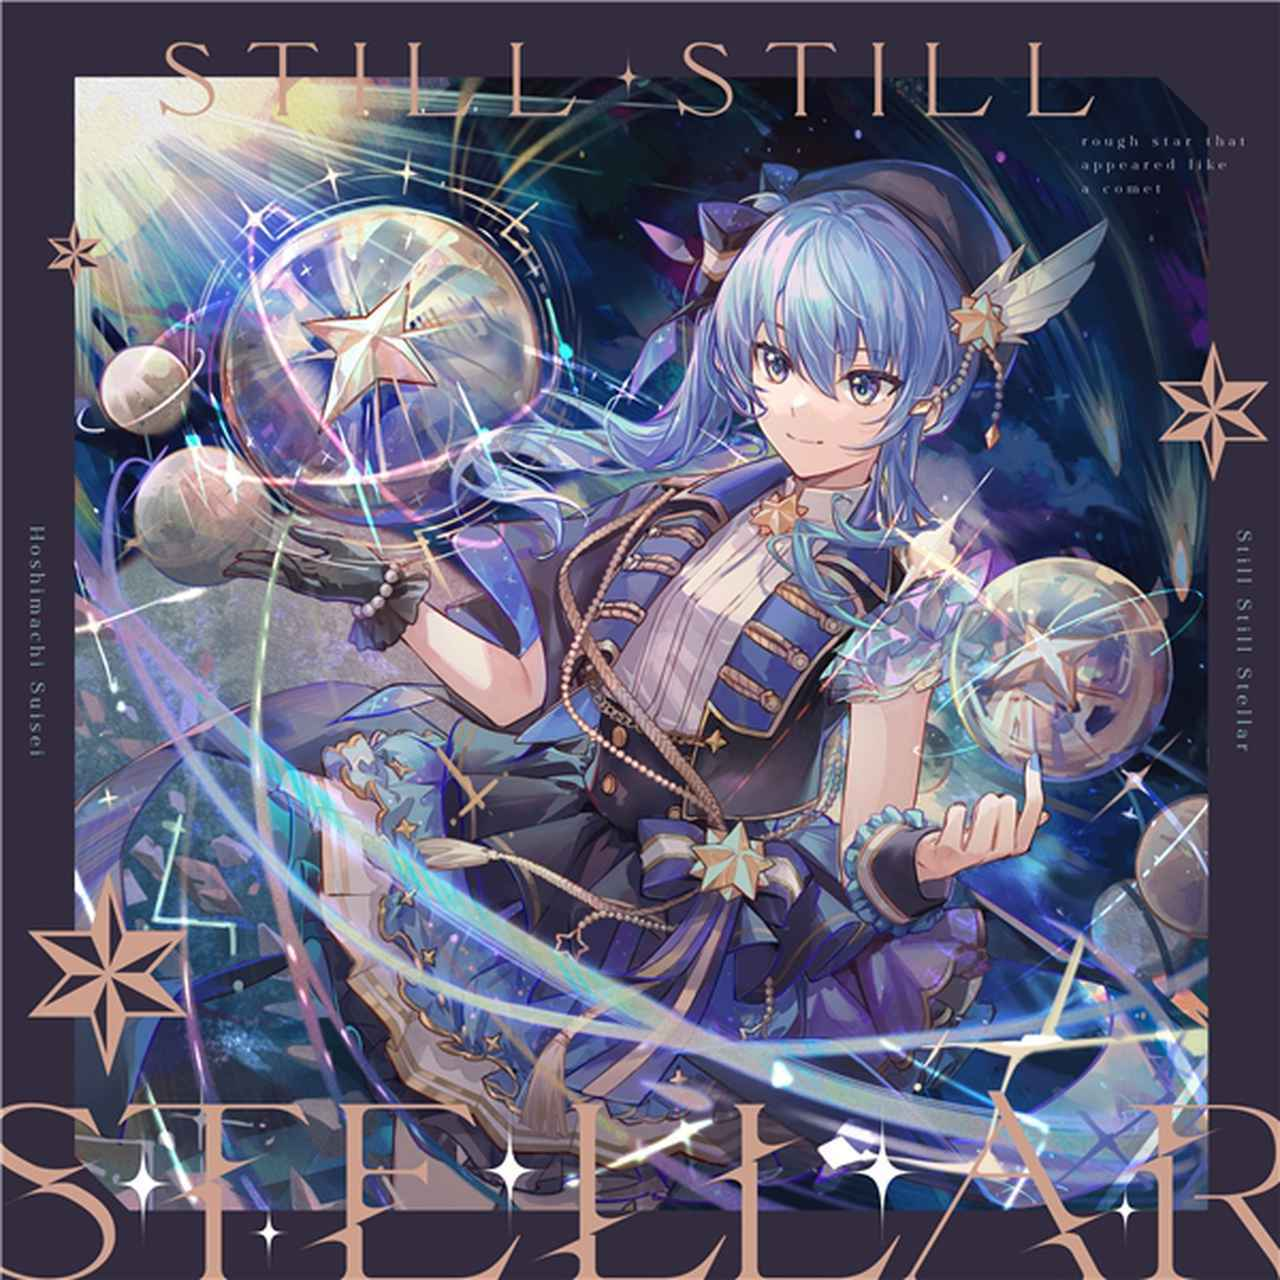 画像: Still Still Stellar / 星街すいせい